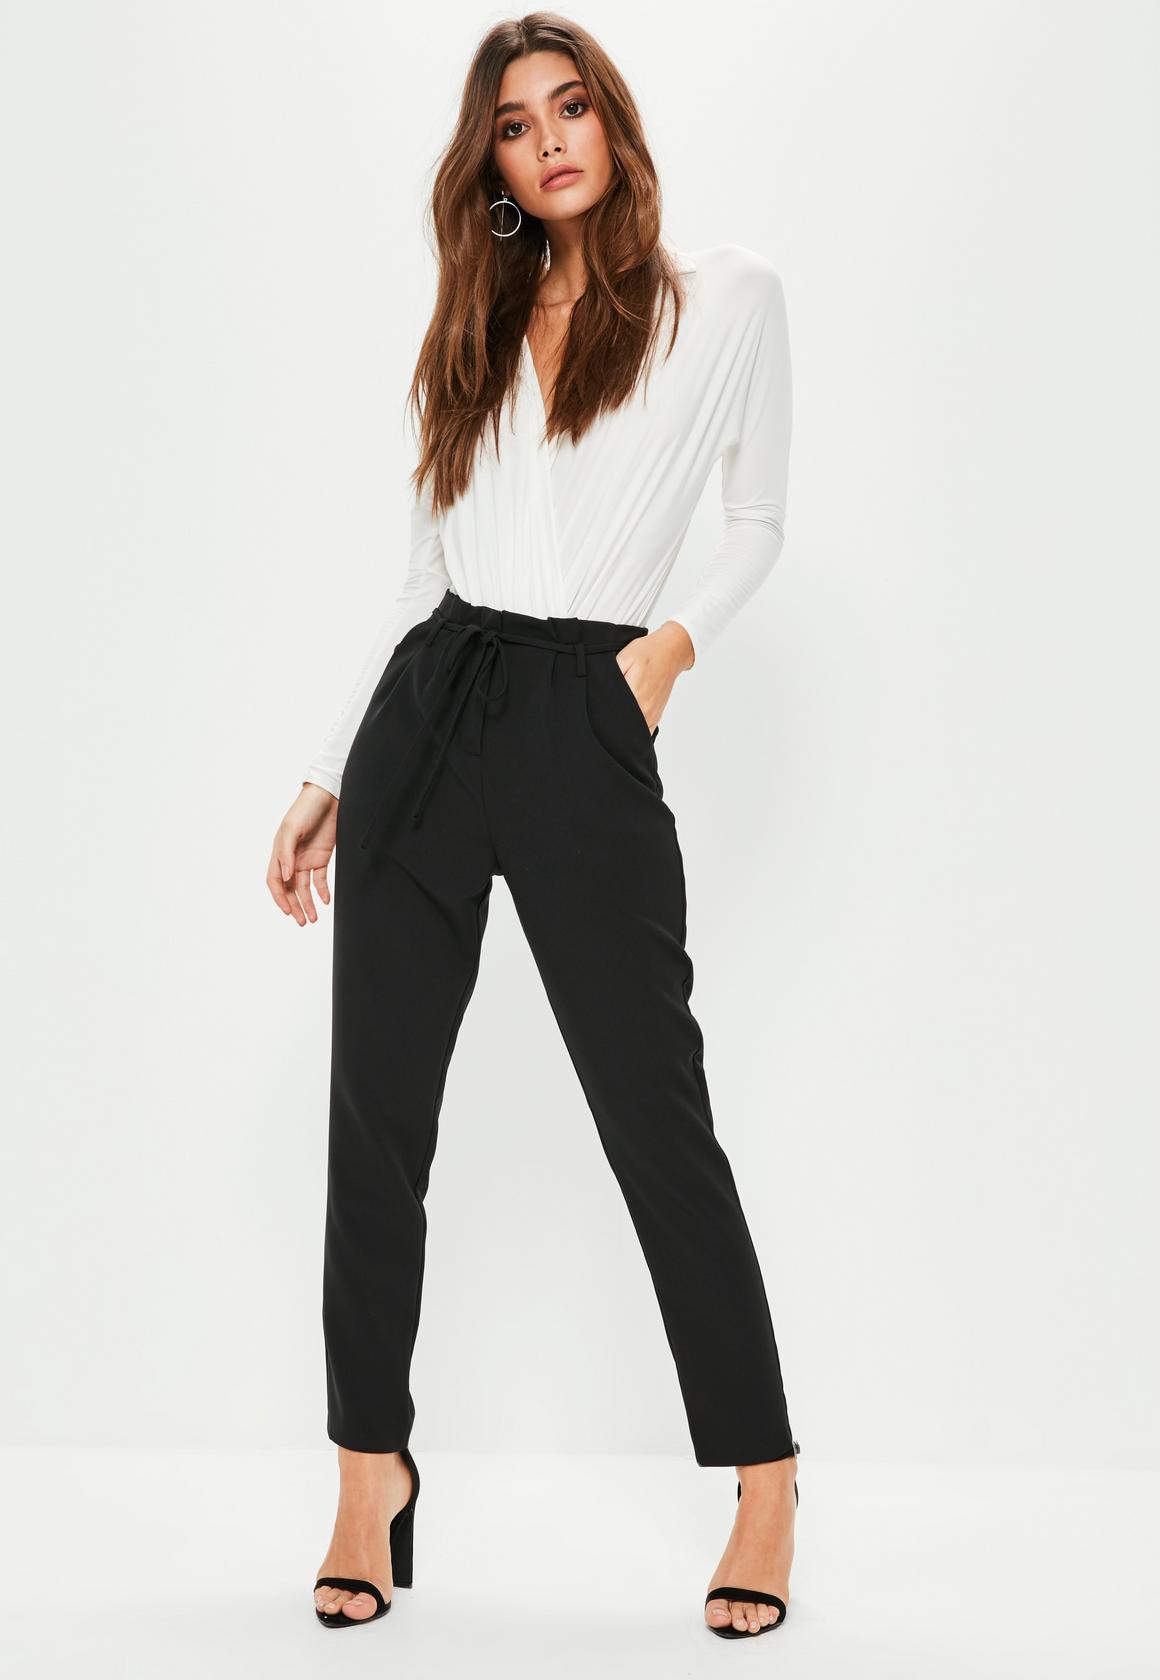 ... cigarette trousers. previous next kwczgcs